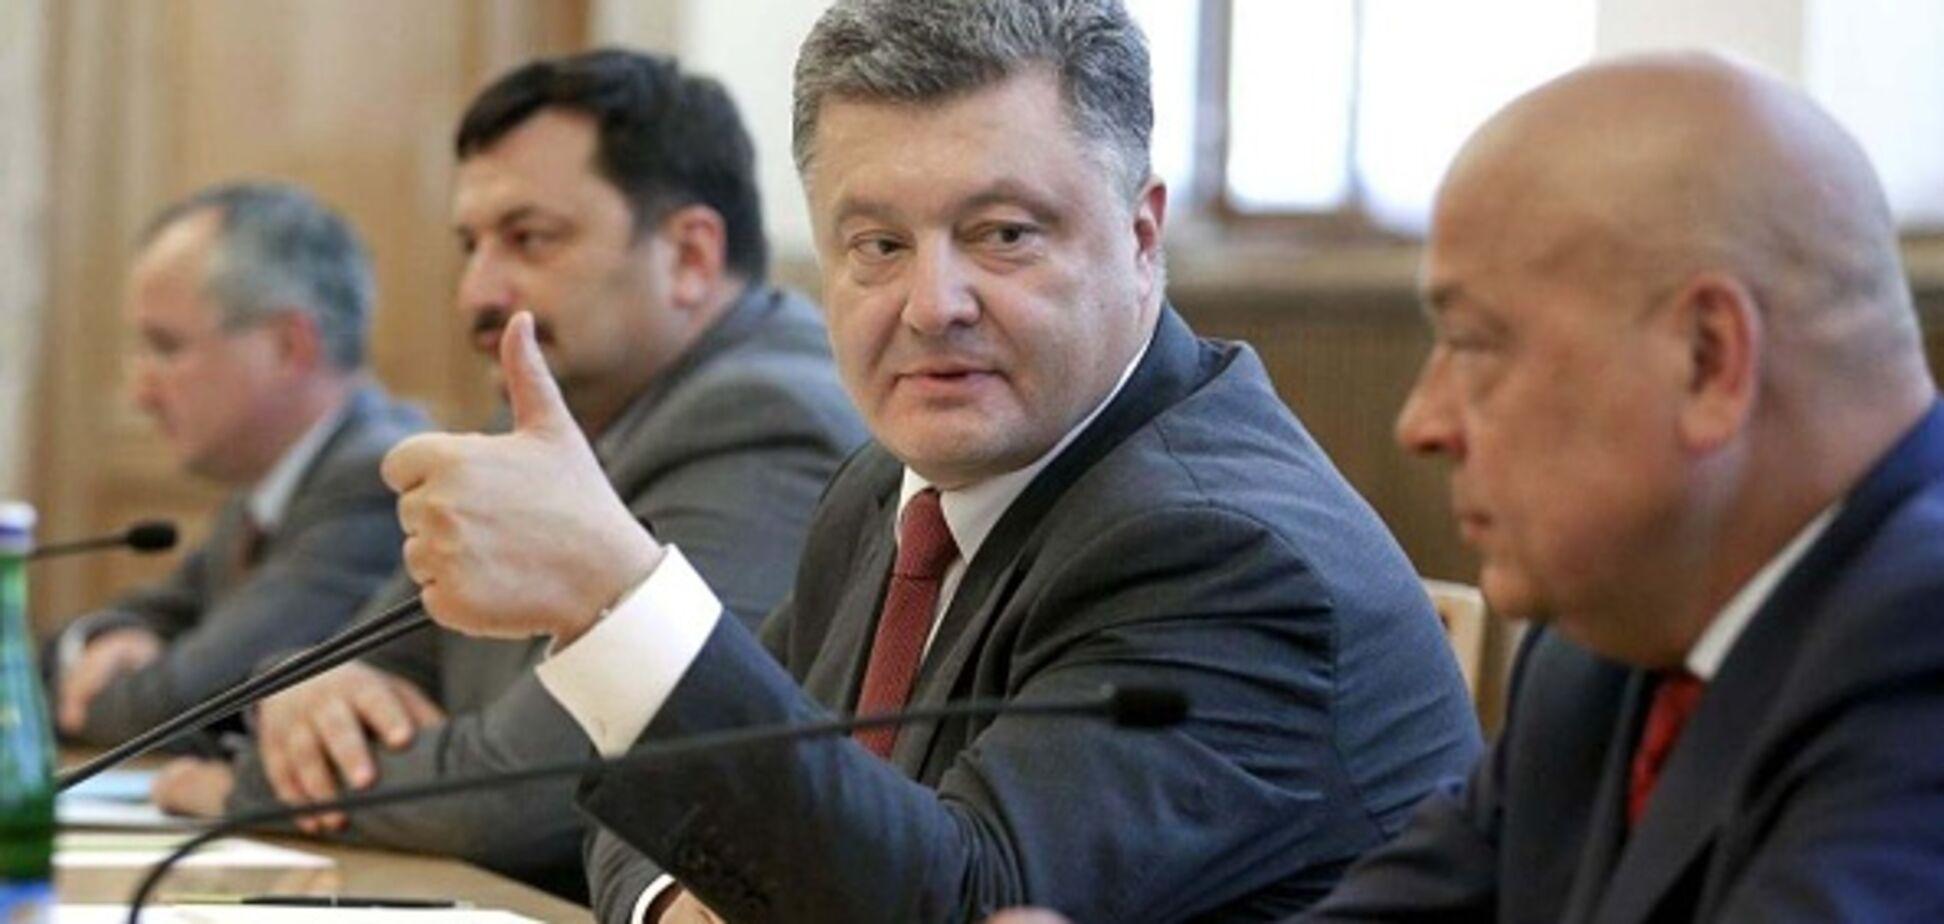 Гастроли российских звезд в Украине: Порошенко ввел особые правила